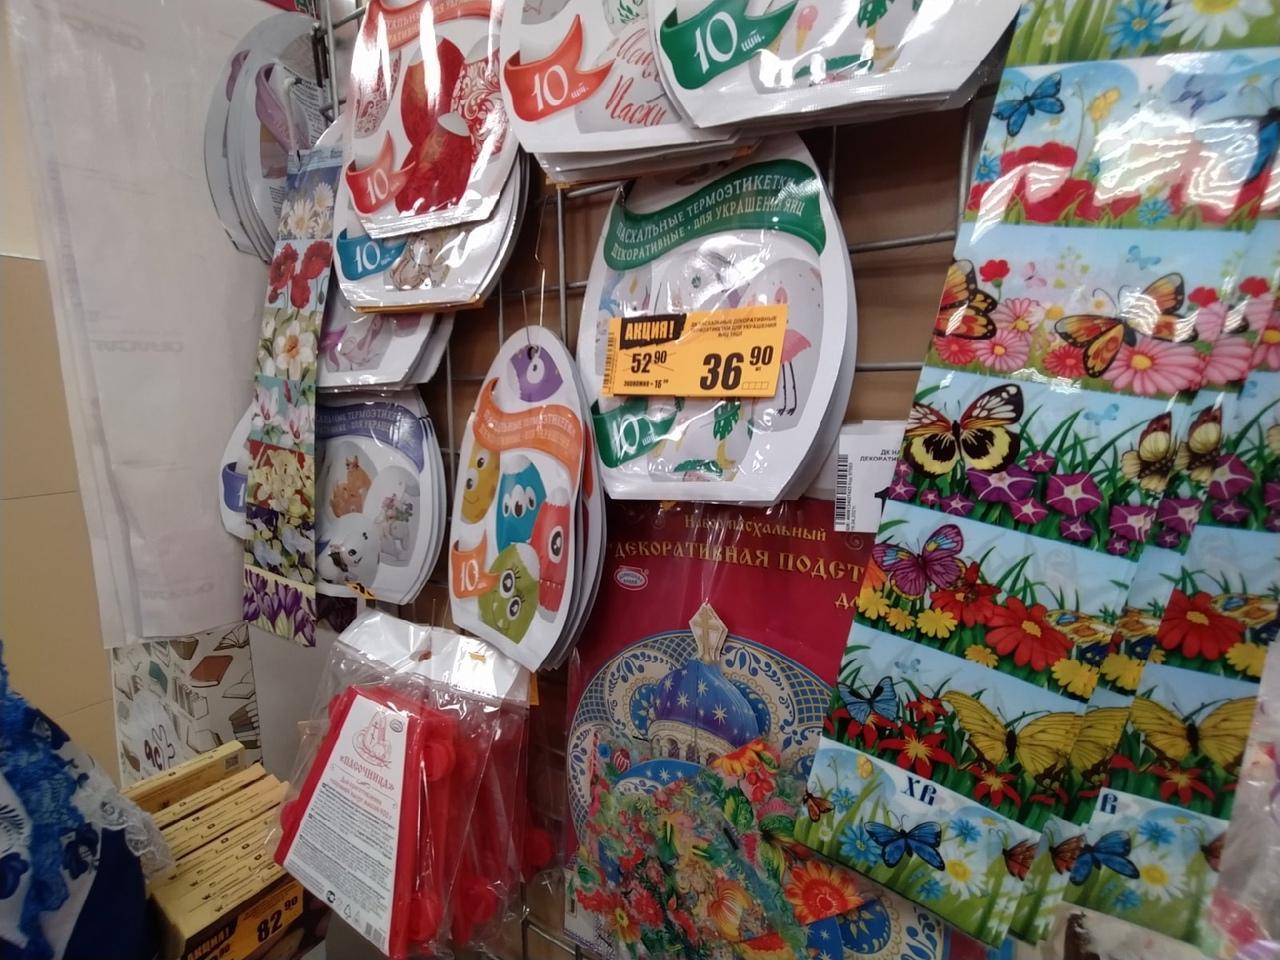 фото Куличи и красители для яиц к Пасхе: обзор цен на праздничные товары в Новосибирске 11